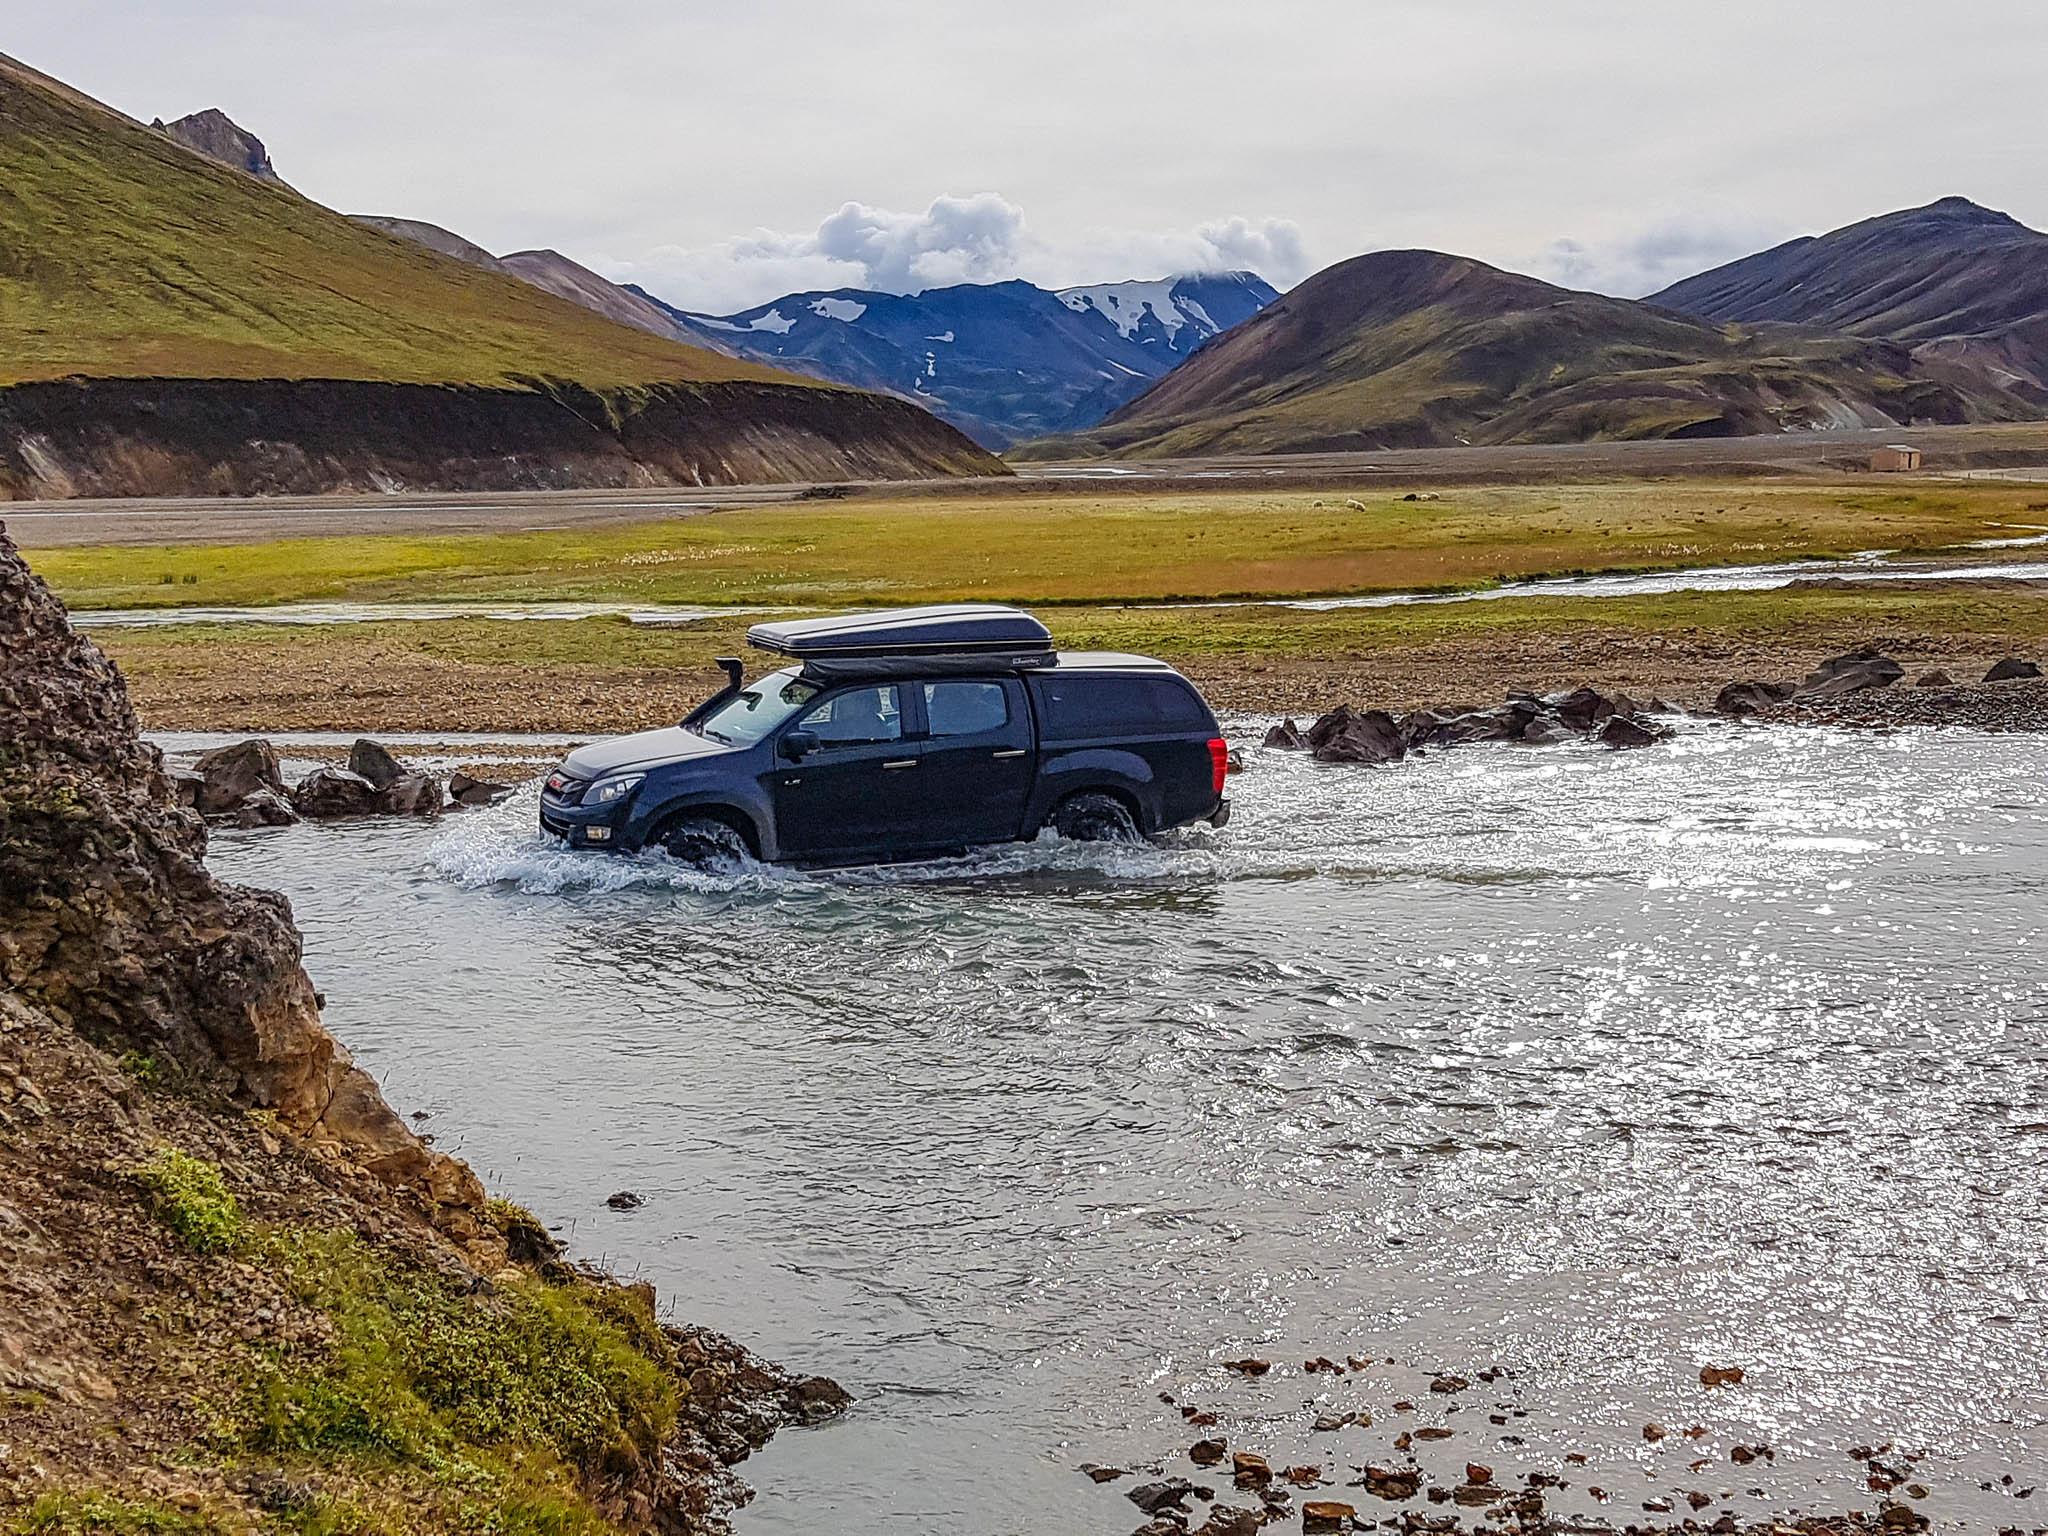 Wasserdurchfahrt in der isländischen Landmannalaugar Region. Steckverbindungen, die nicht ausreichend höher gelegt werden konnten, können mit Wet Protect Spray vorübergehend geschützt werden.